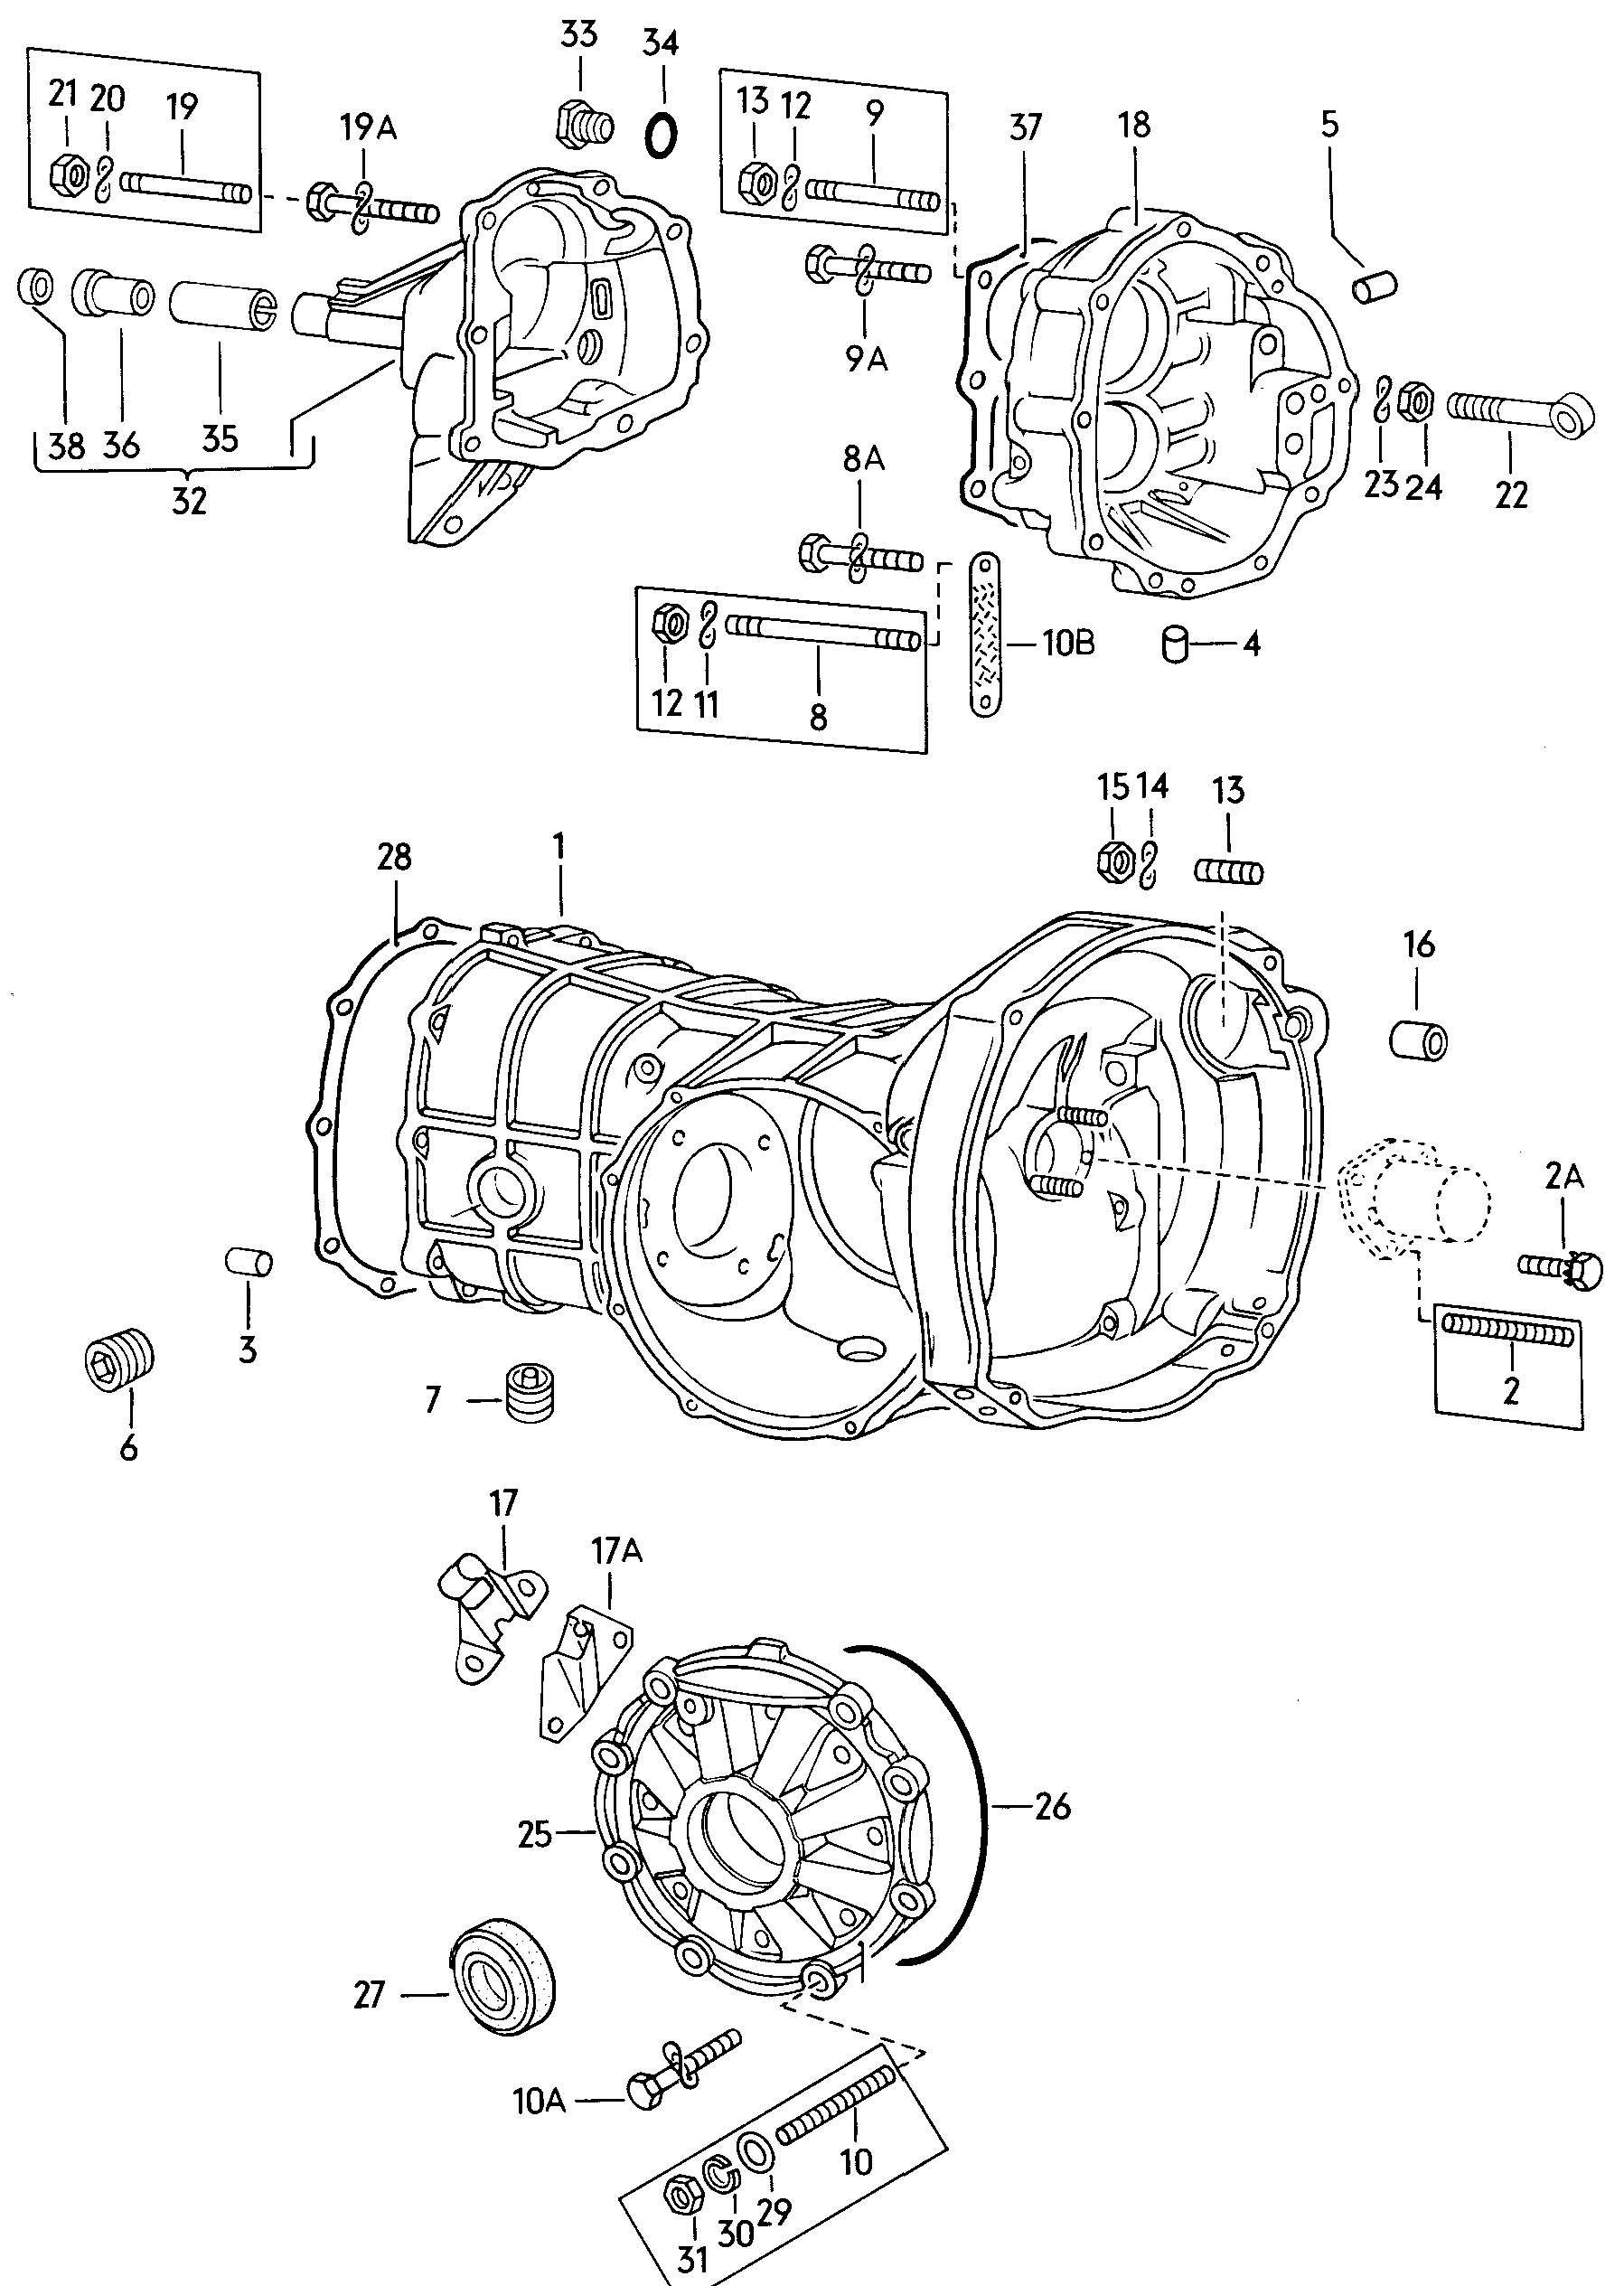 Transmission Case Manual Transmission